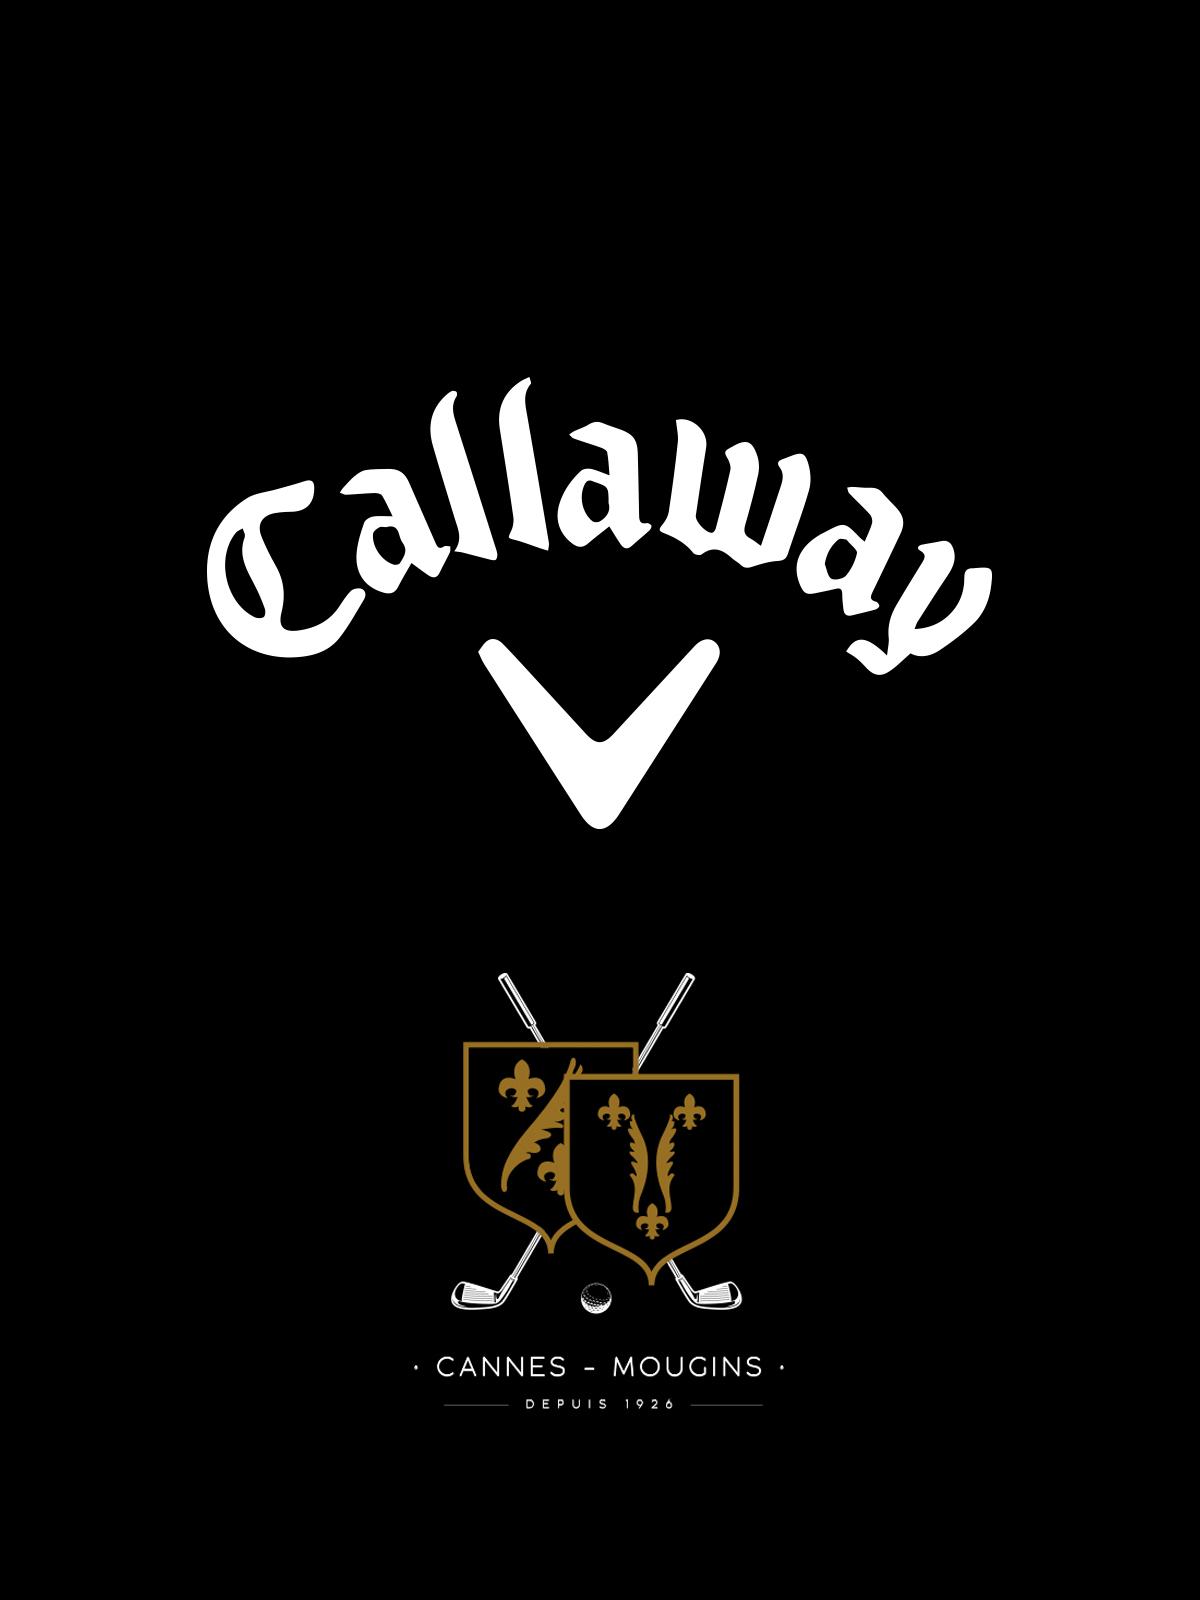 Callaway équipement golf